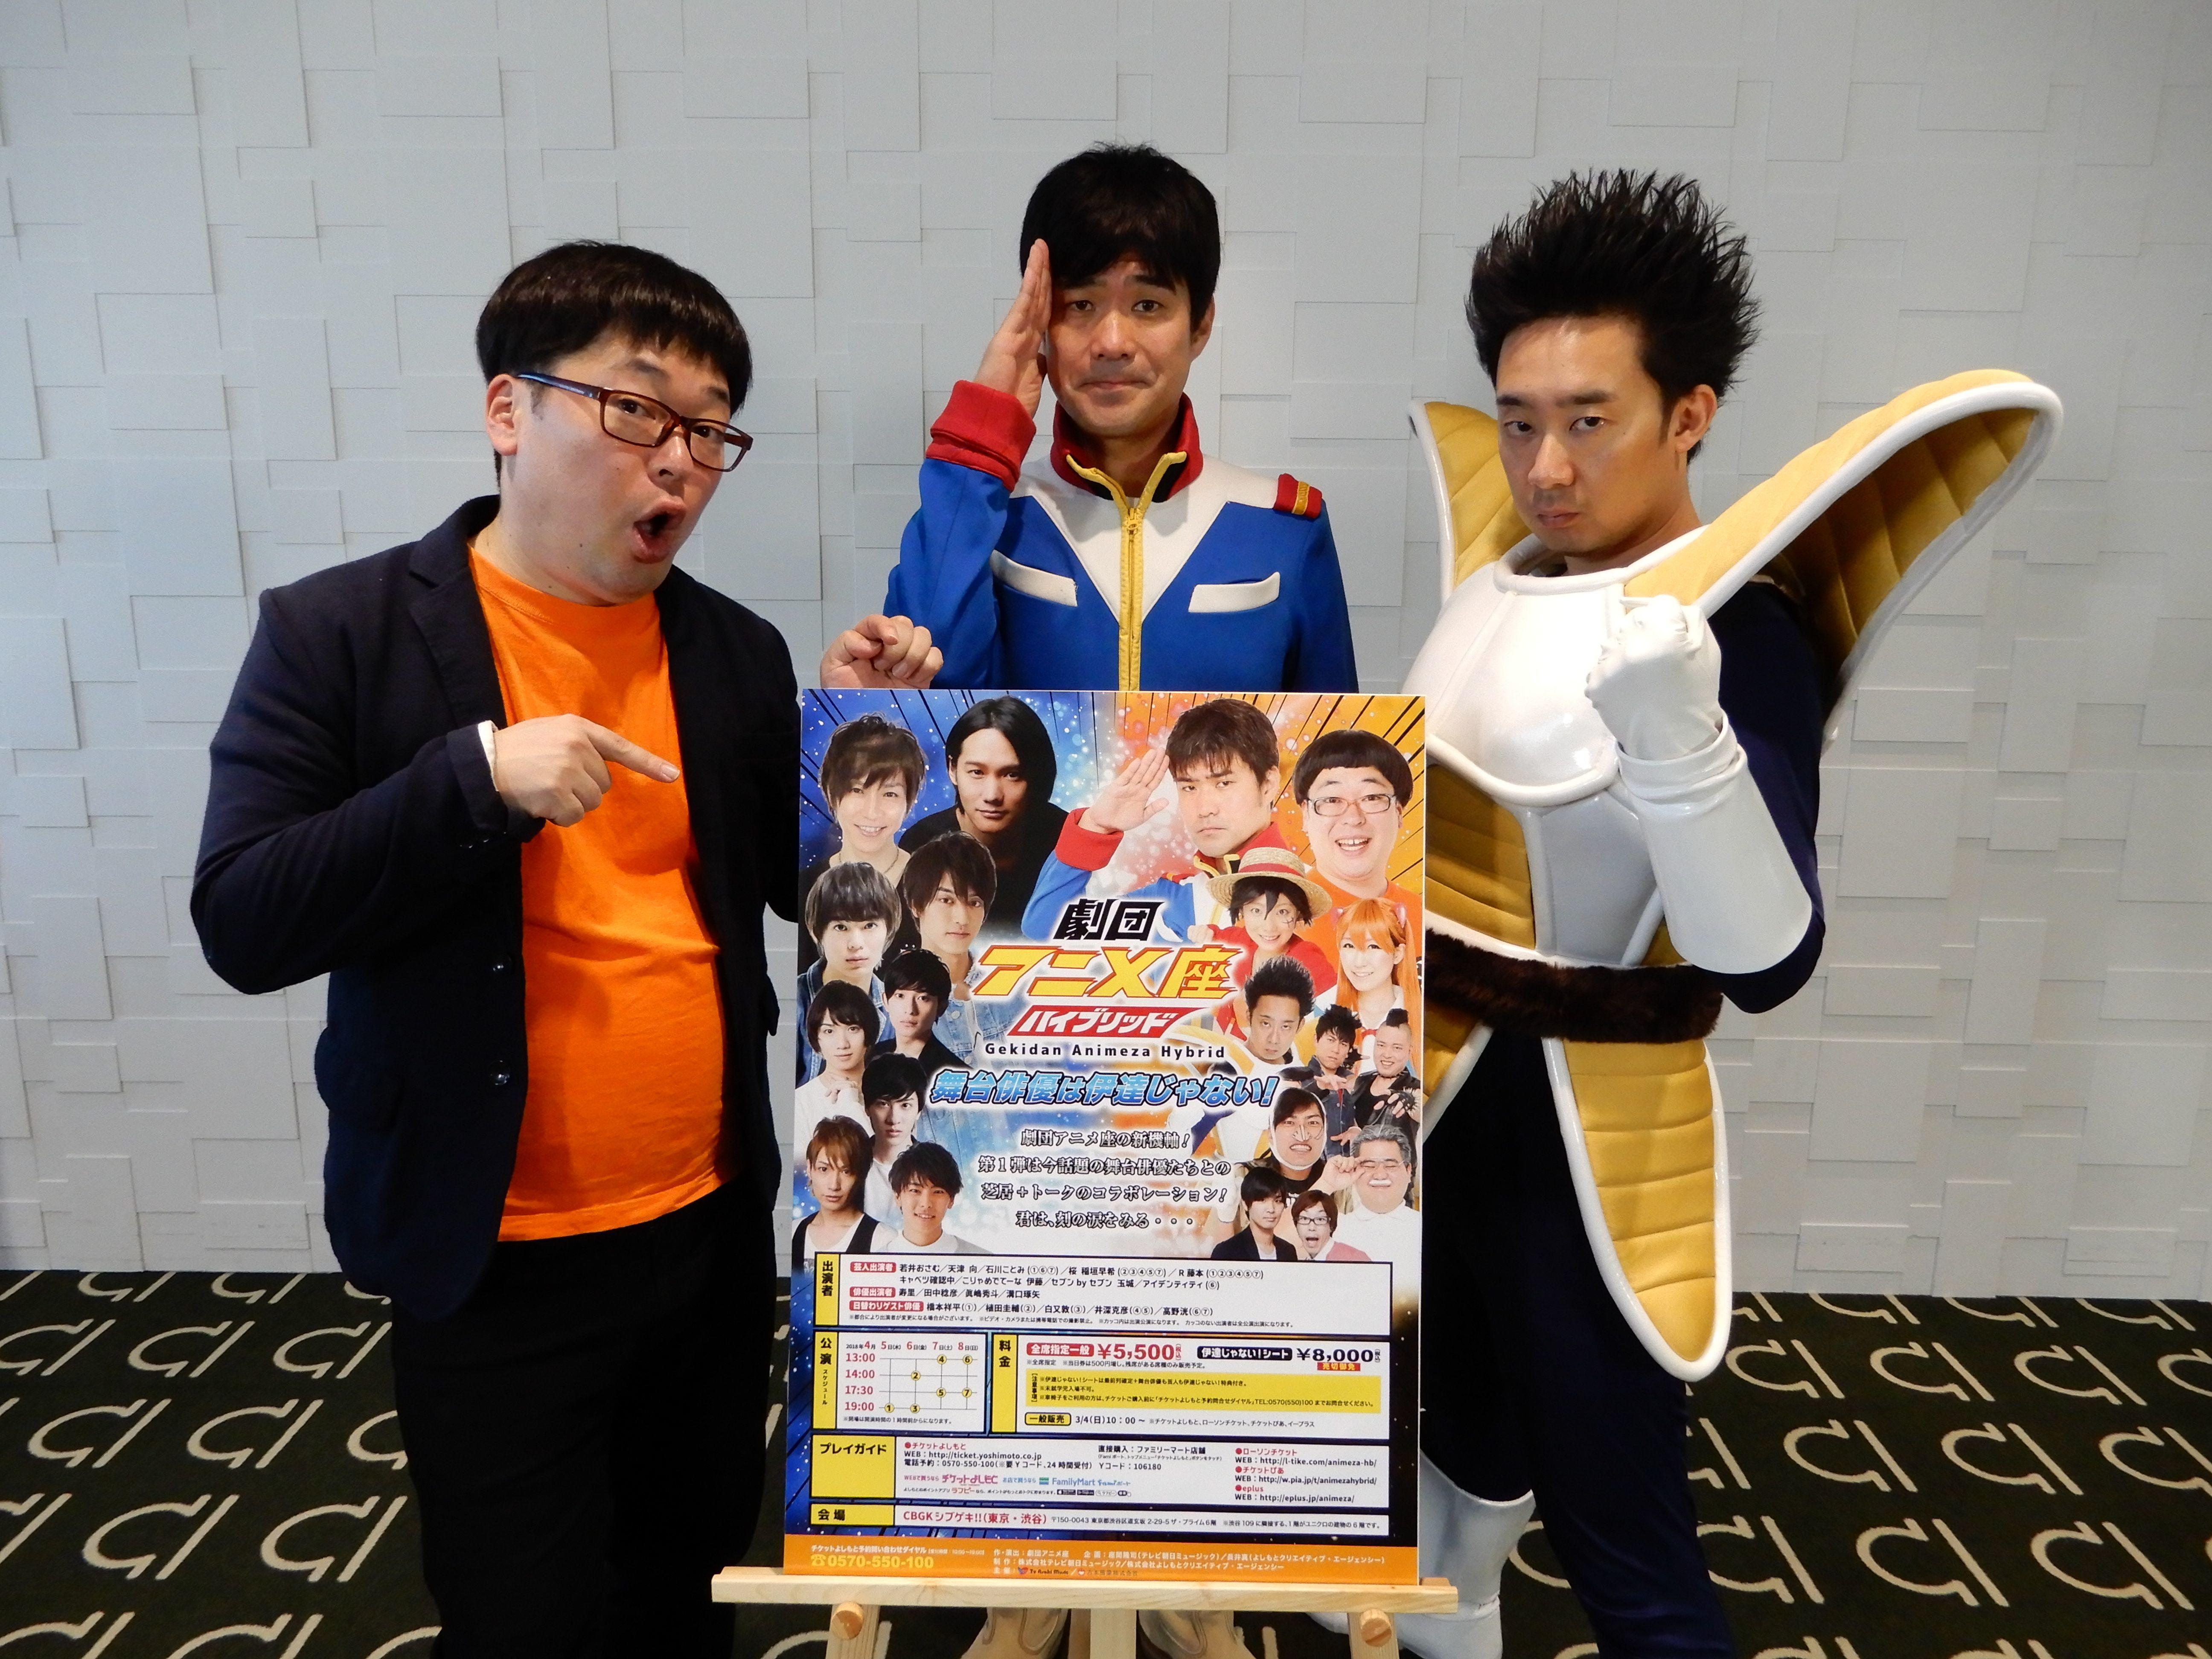 http://news.yoshimoto.co.jp/20180316233442-d9843302bc617df963bdb902a182dd3d2dde1dc9.jpg